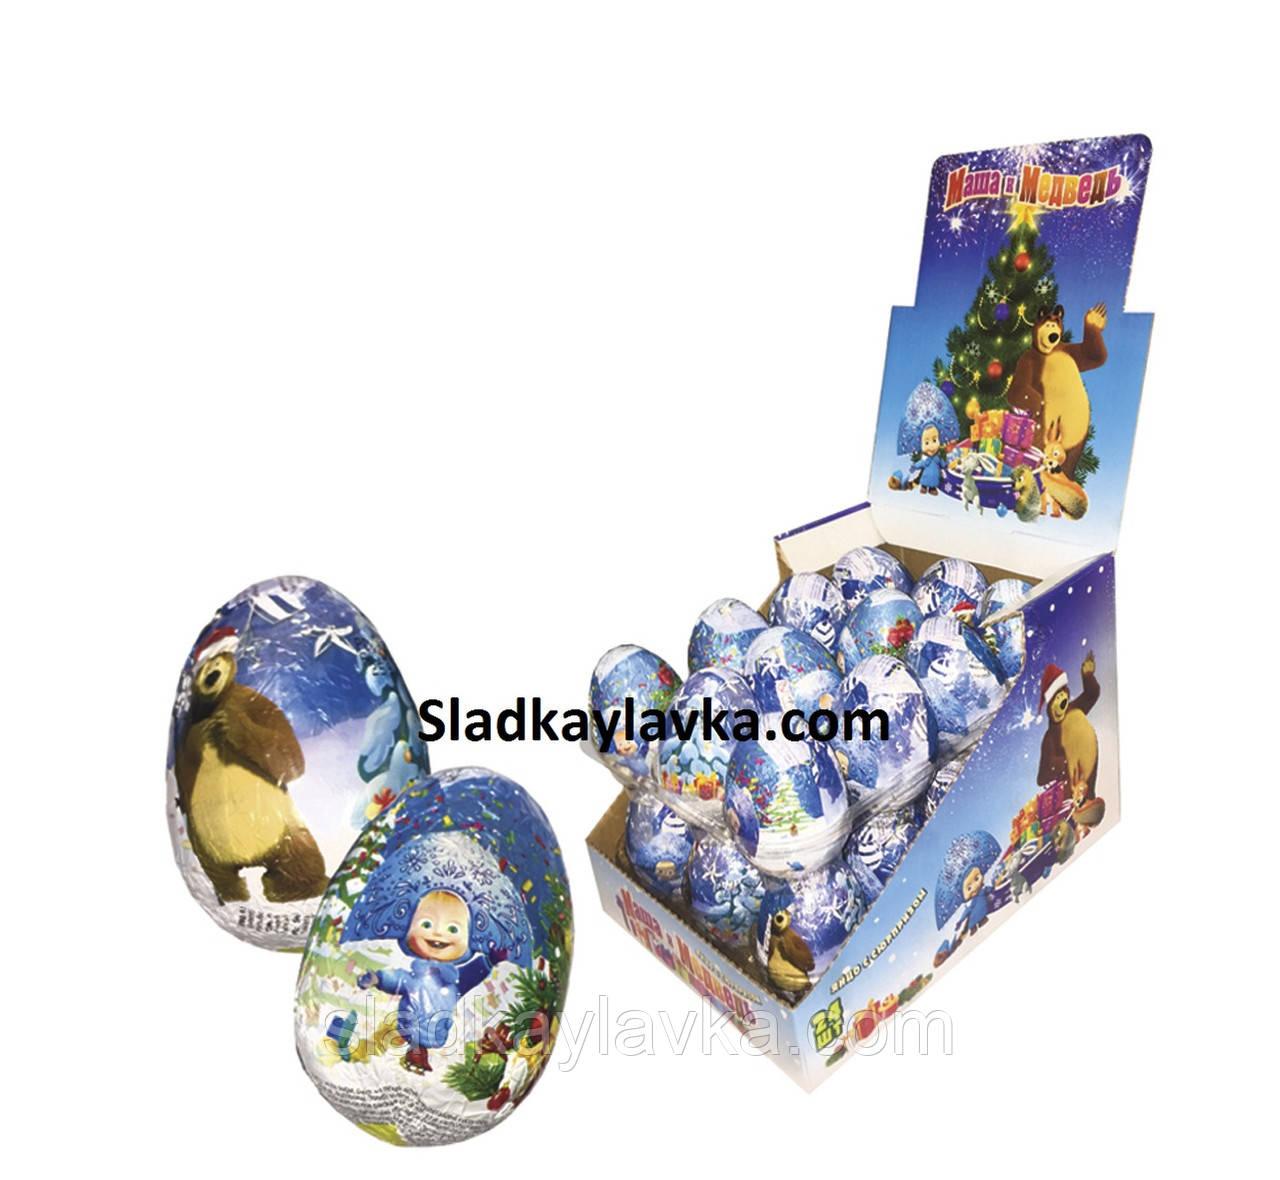 Шоколадное яйцо Маша и Медведь Новогоднее 25 г 24 шт (ANL)